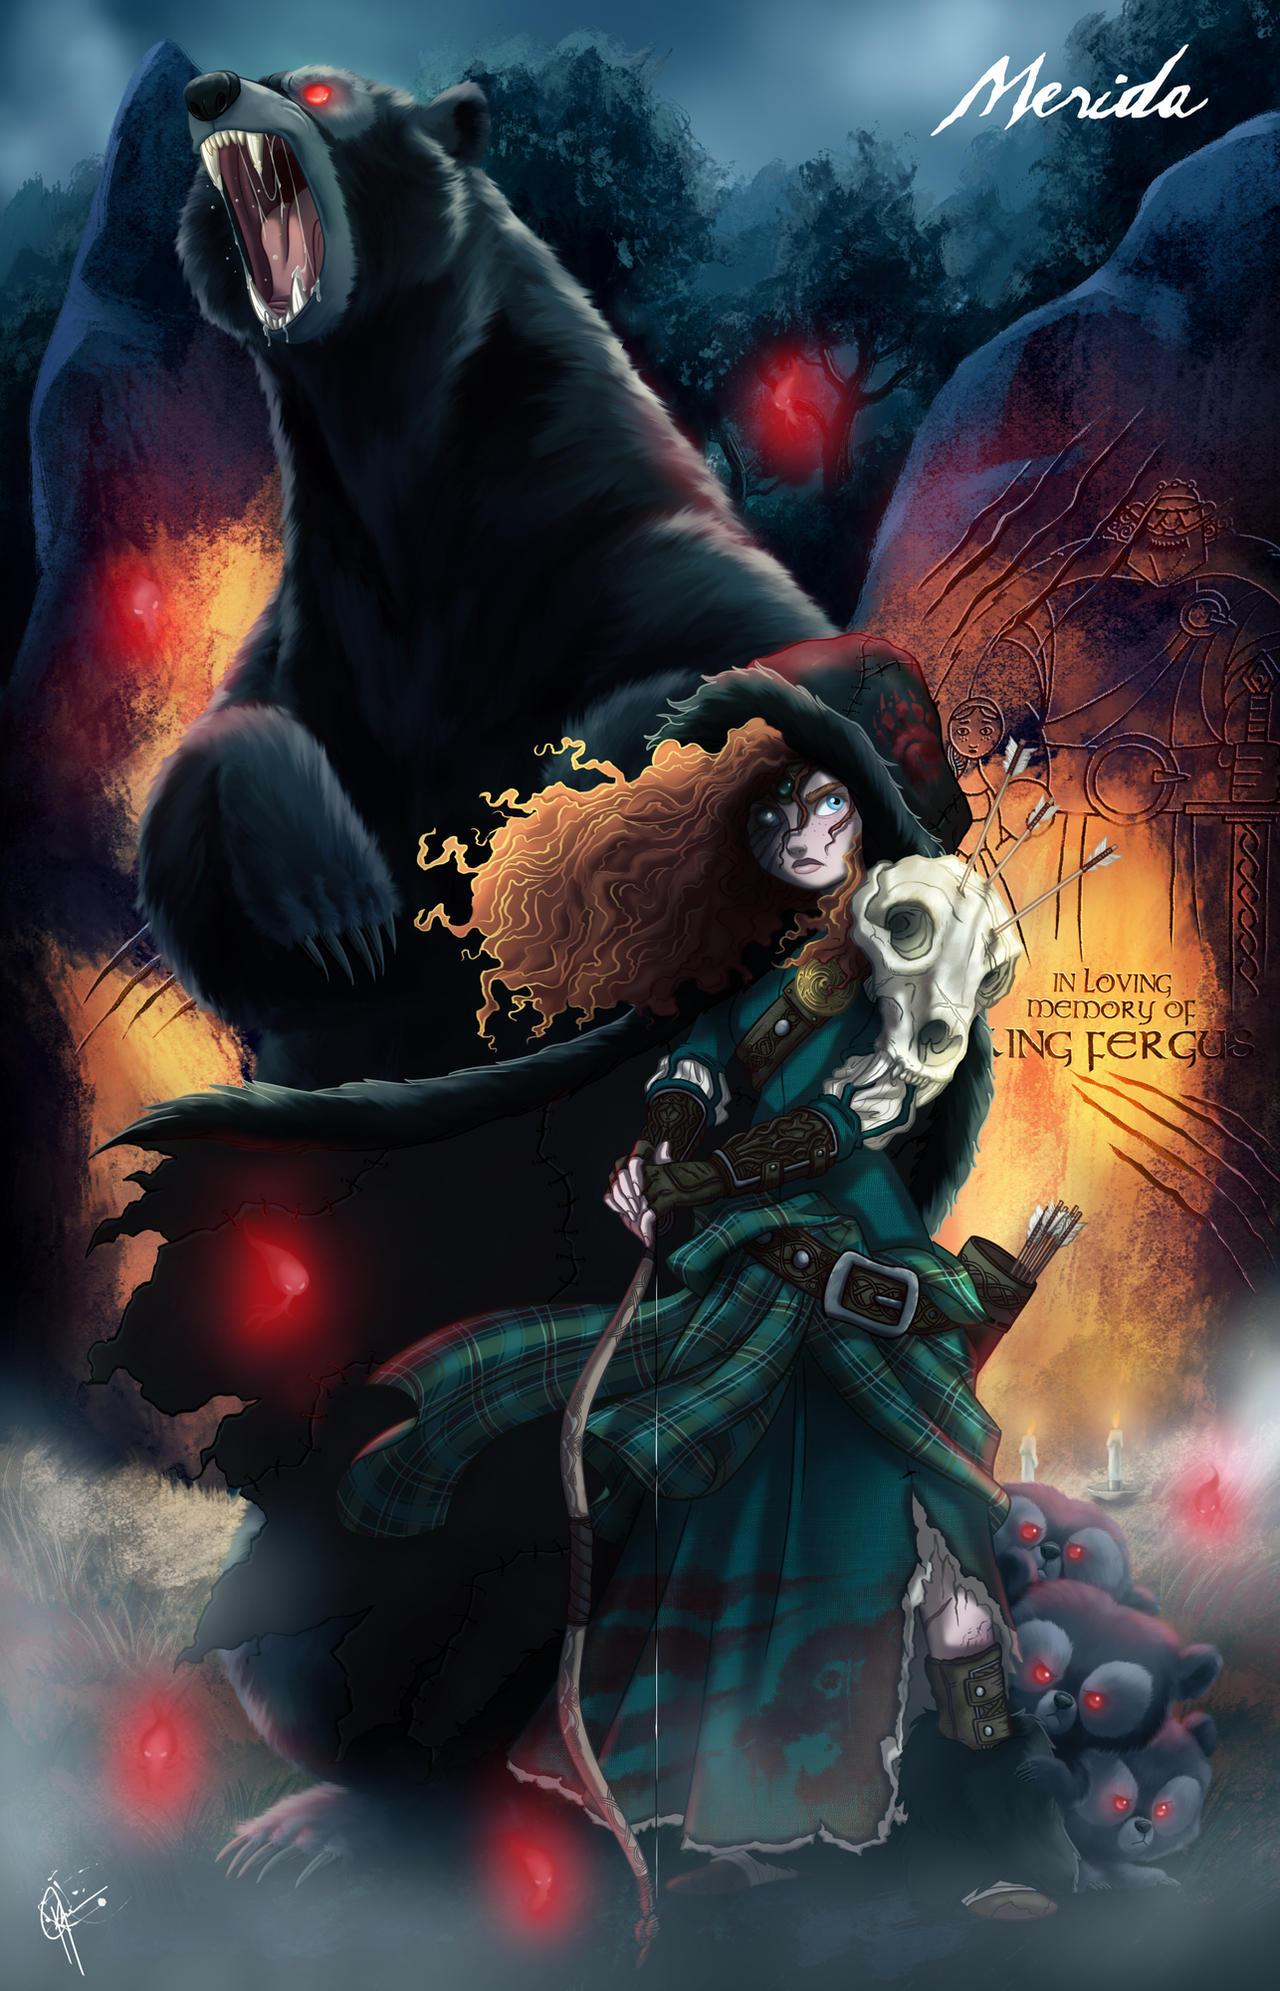 Galeria de Arte: Ficção & Fantasia 1 - Página 6 Twisted_princess__merida_by_jeftoon01-d7ybkbo